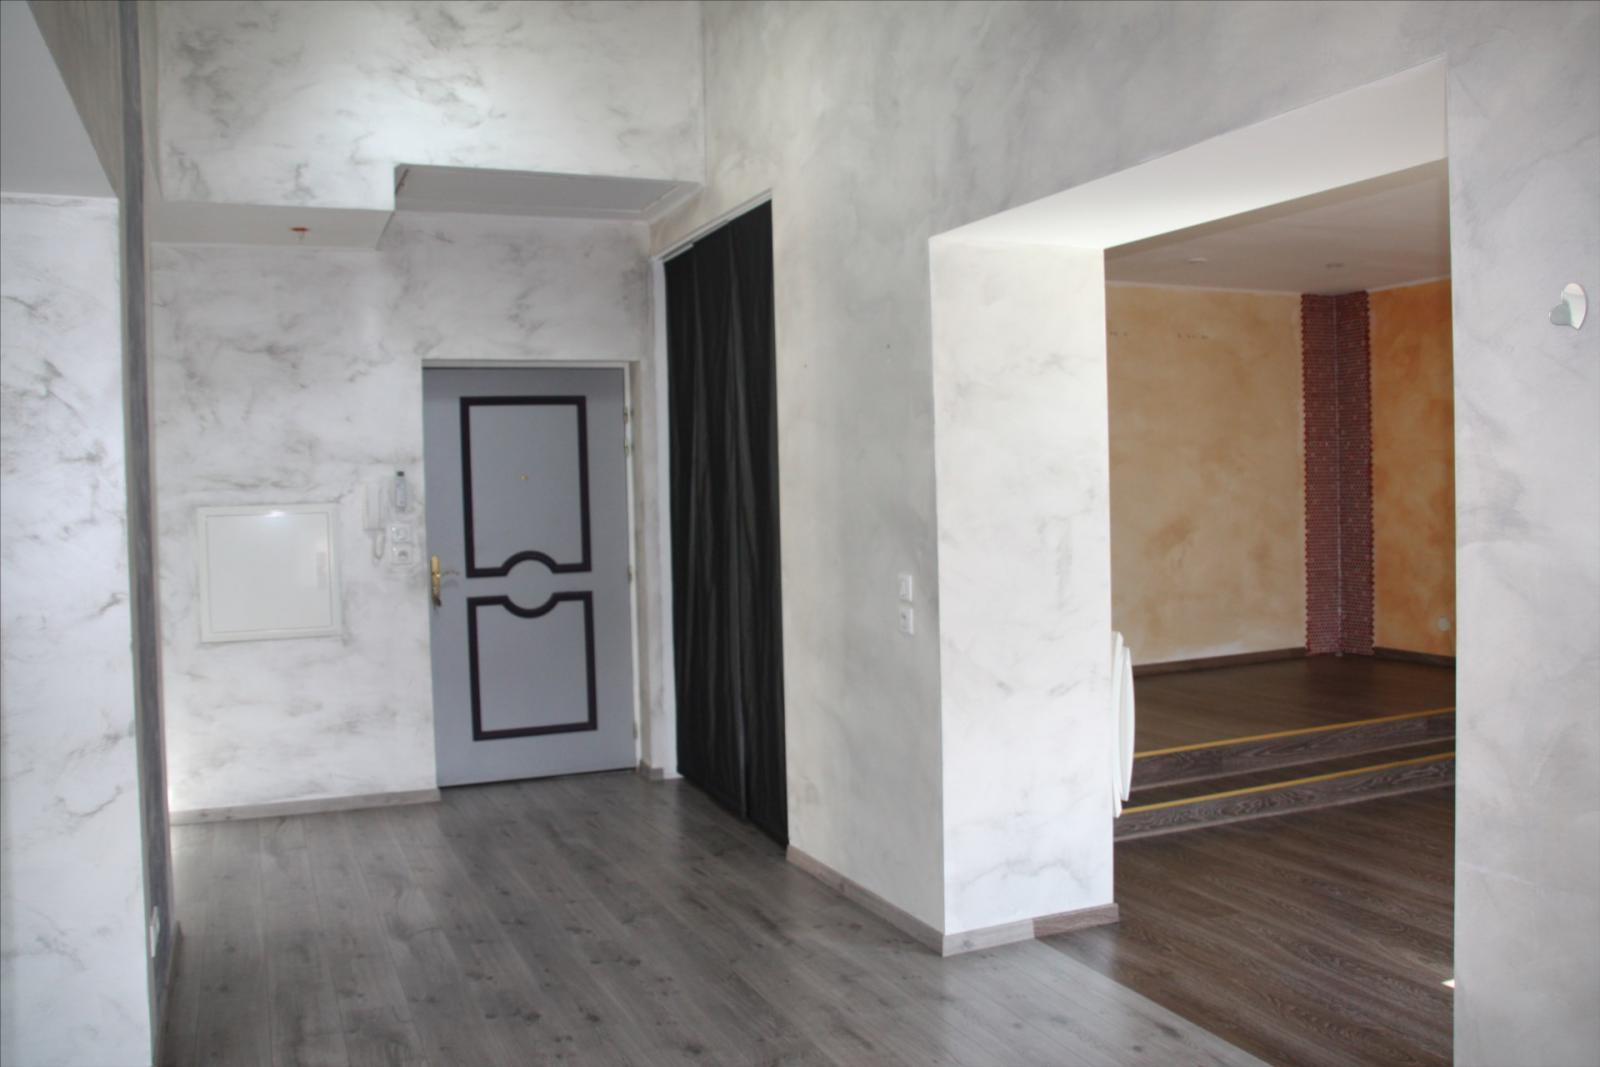 APPARTEMENT - LUNEVILLE - 3 pièce(s) - 105 m² :: Loyer mensuel : 610 €